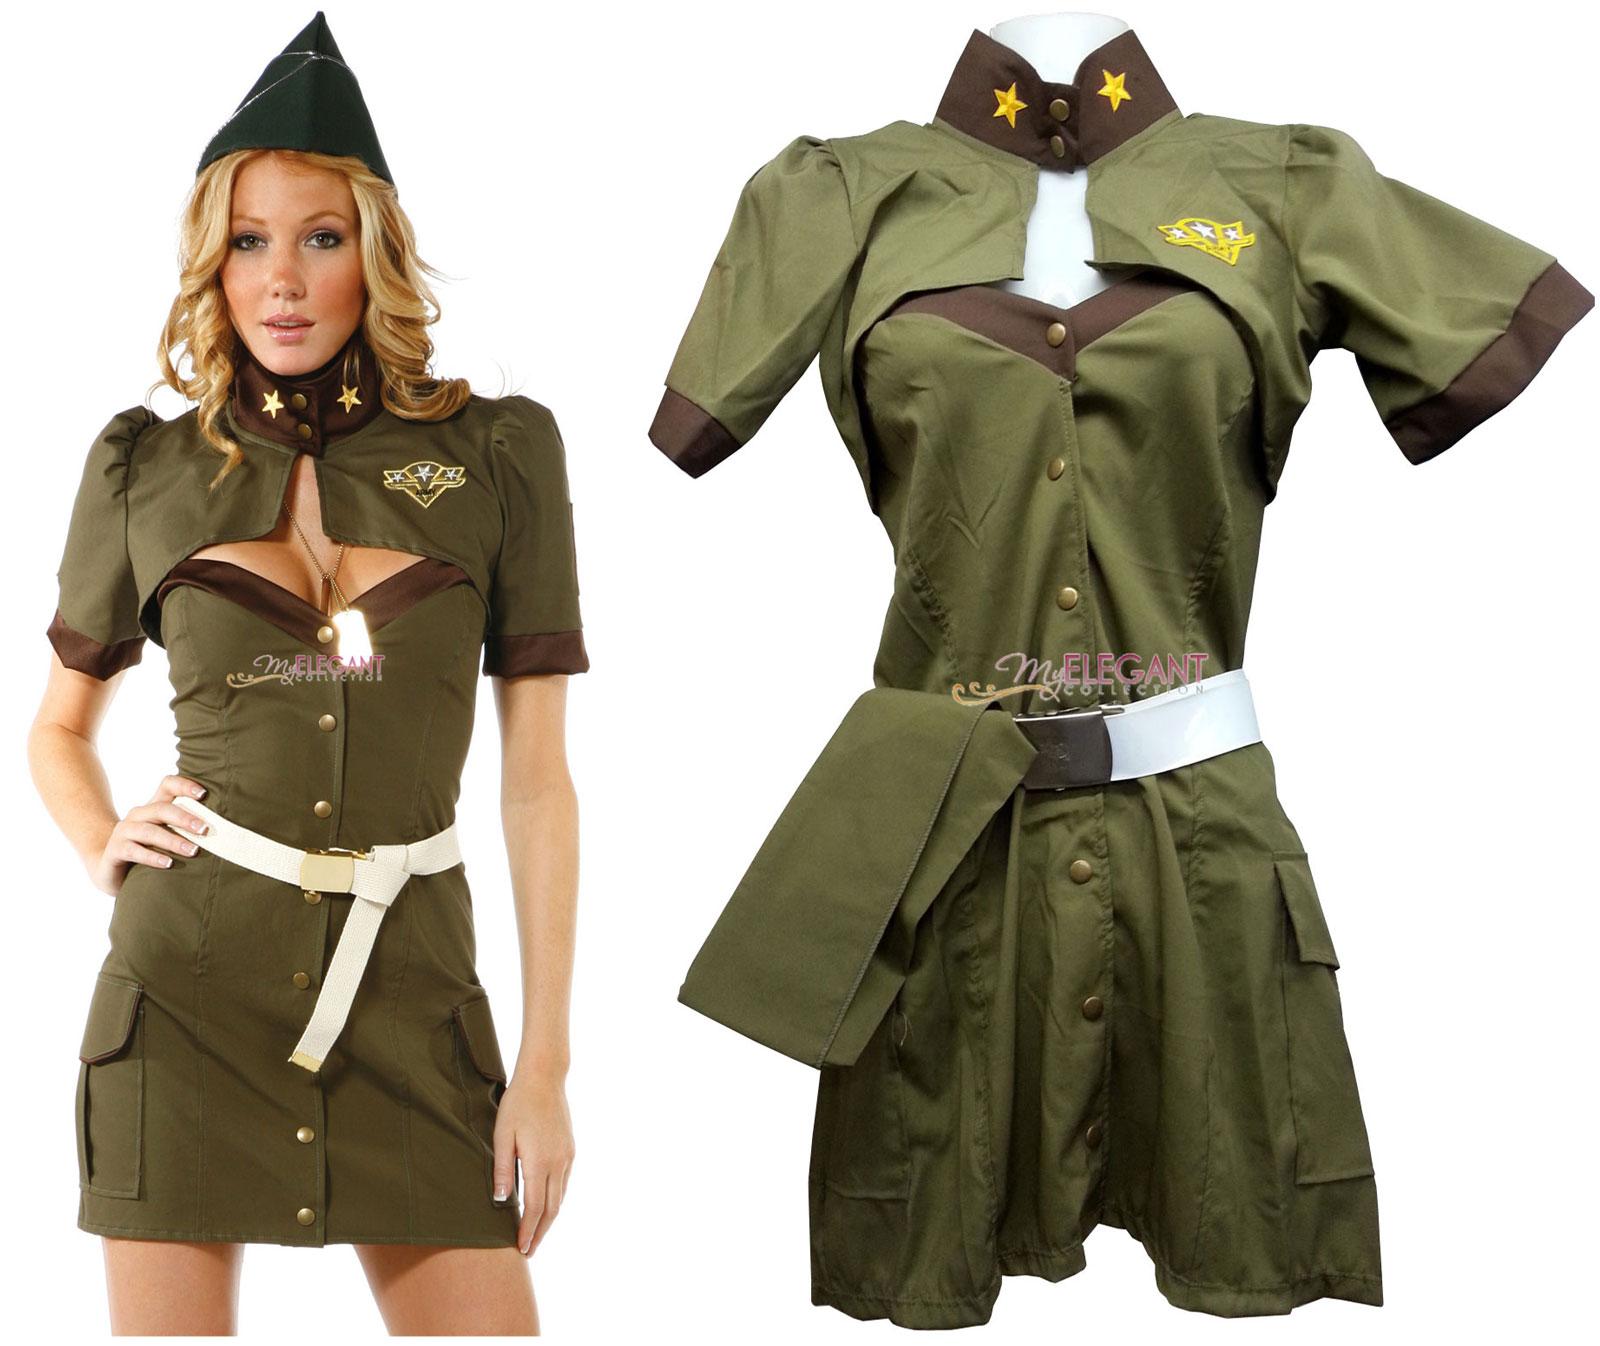 женская военная форма картинки для подобрать полный